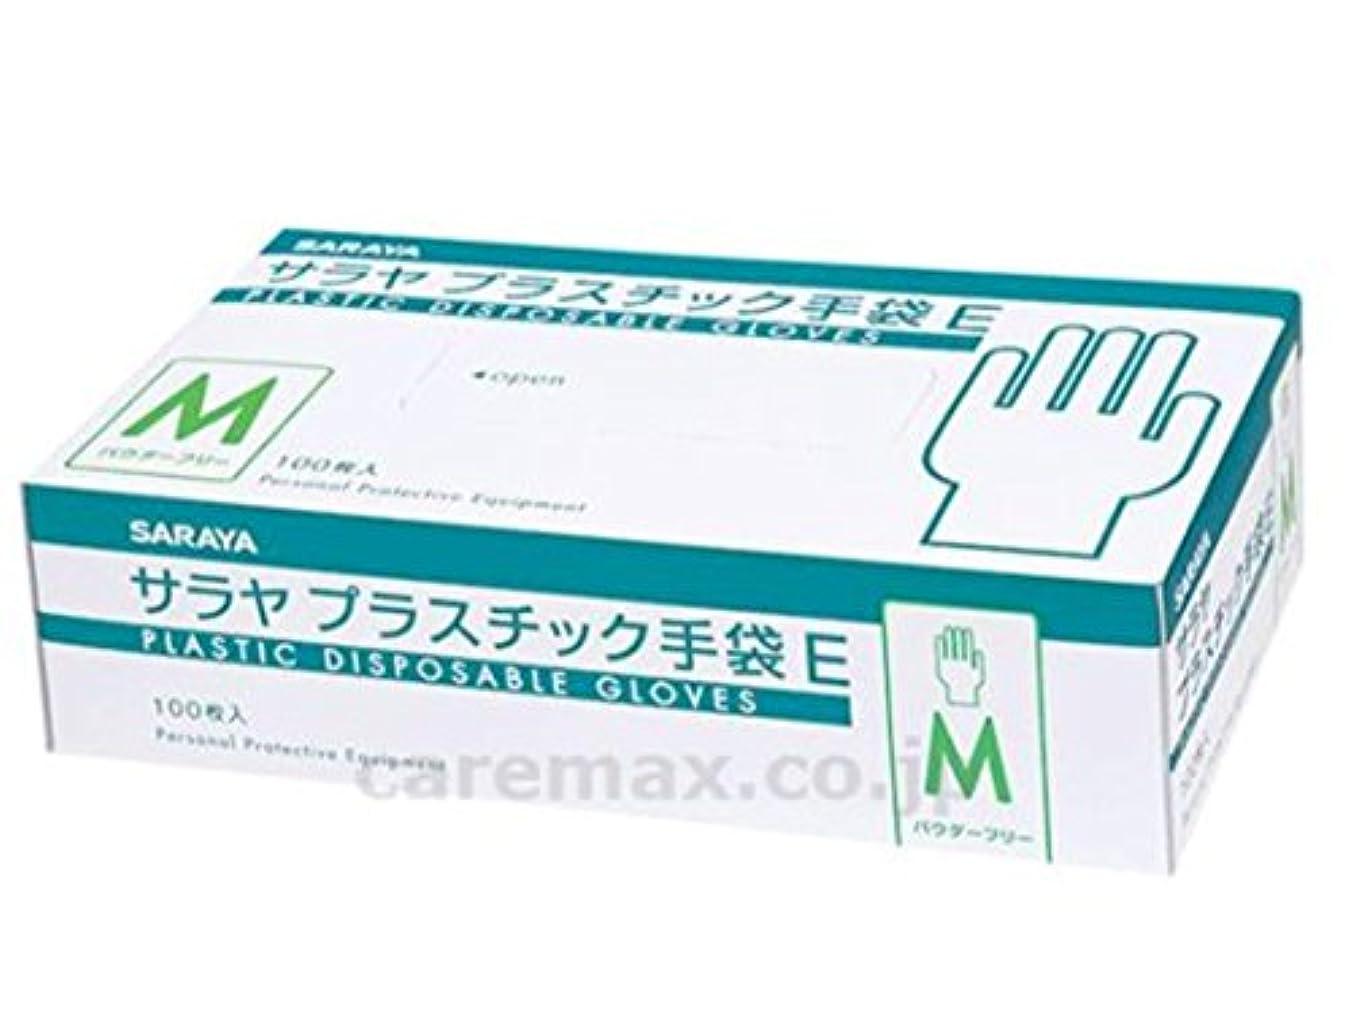 切り刻む頭痛知事サラヤ 使い捨て手袋 プラスチック手袋E 粉なし Mサイズ 100枚入